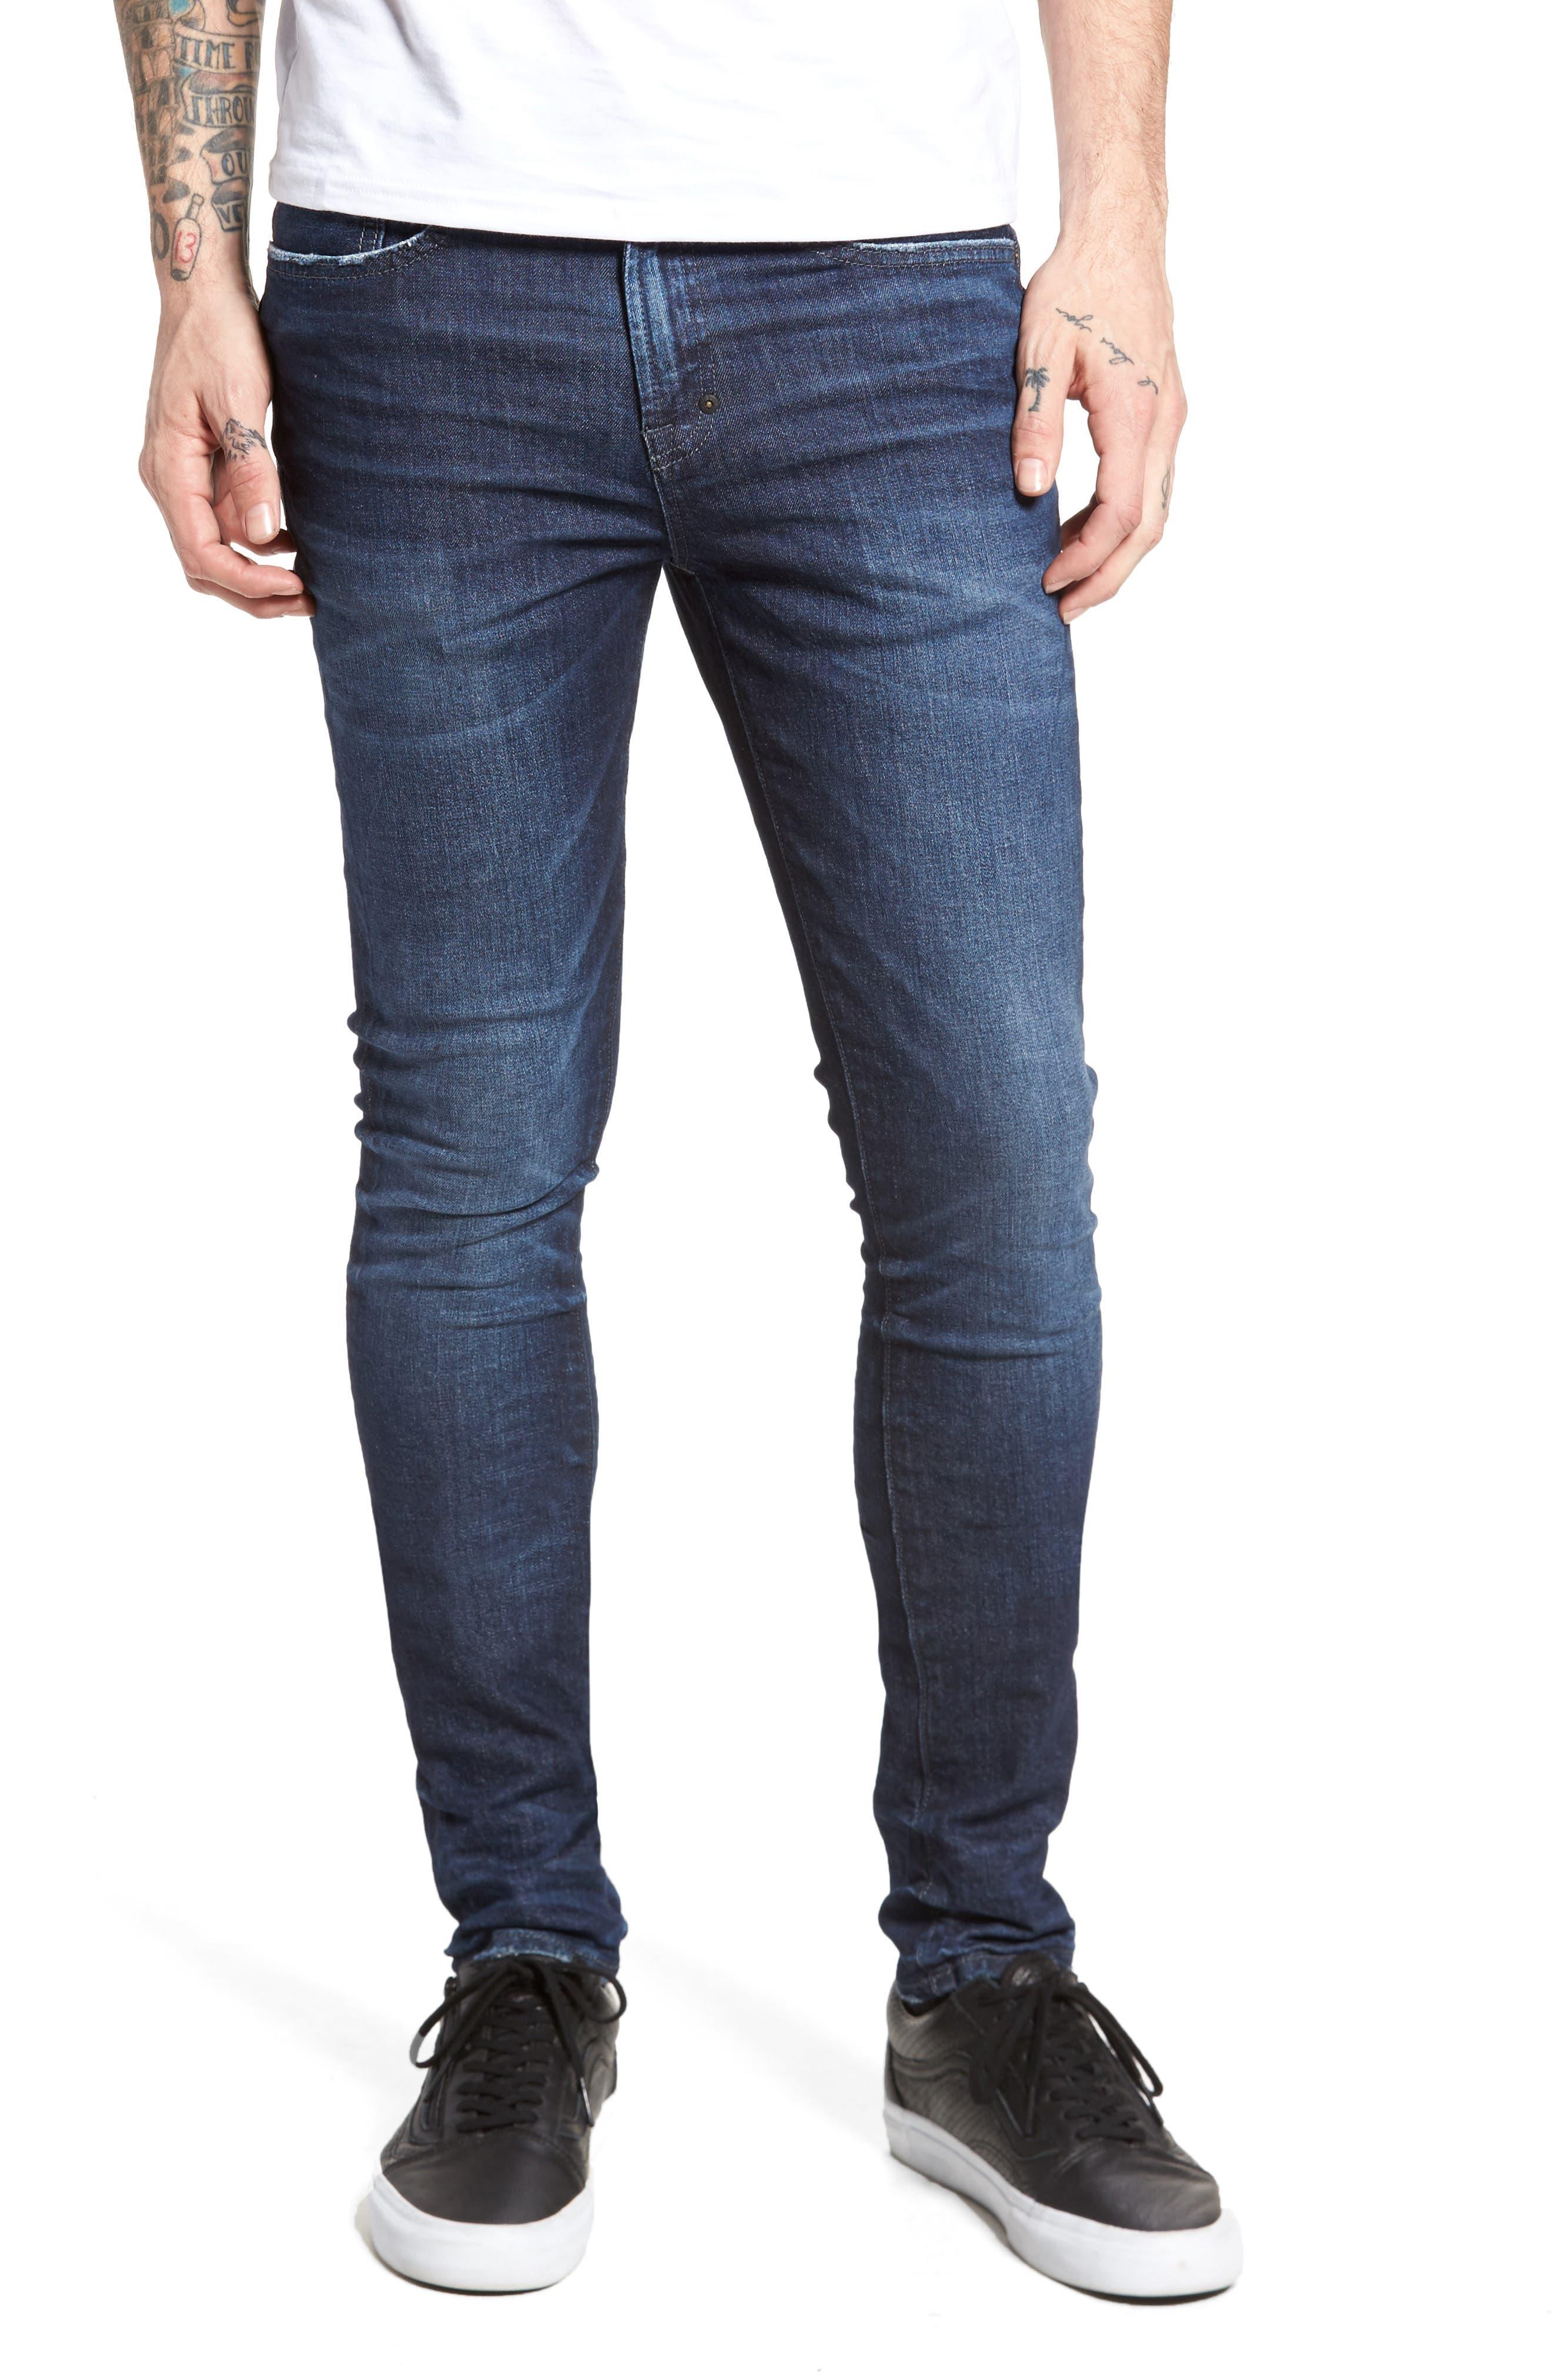 Windsor Slim Fit Jeans,                         Main,                         color, 401